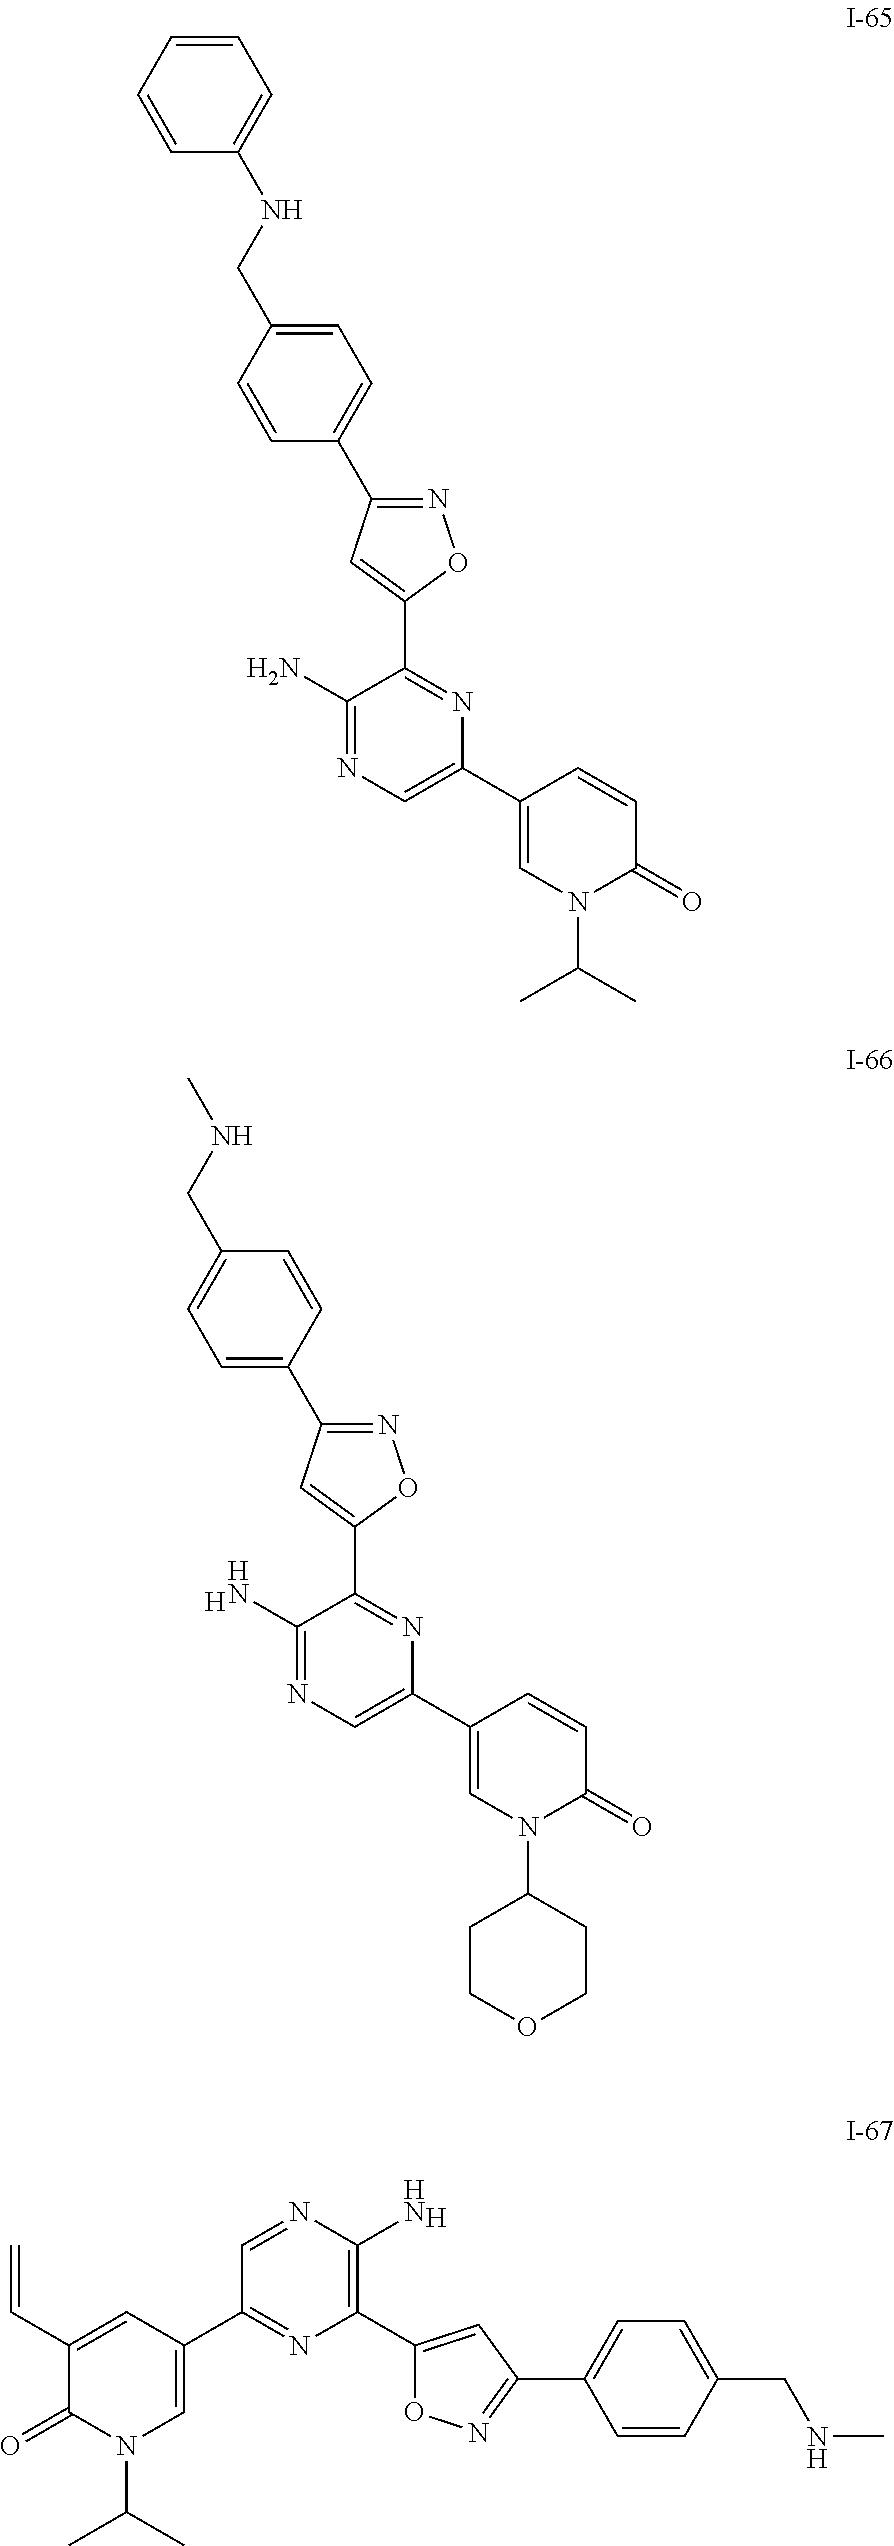 Figure US09630956-20170425-C00239